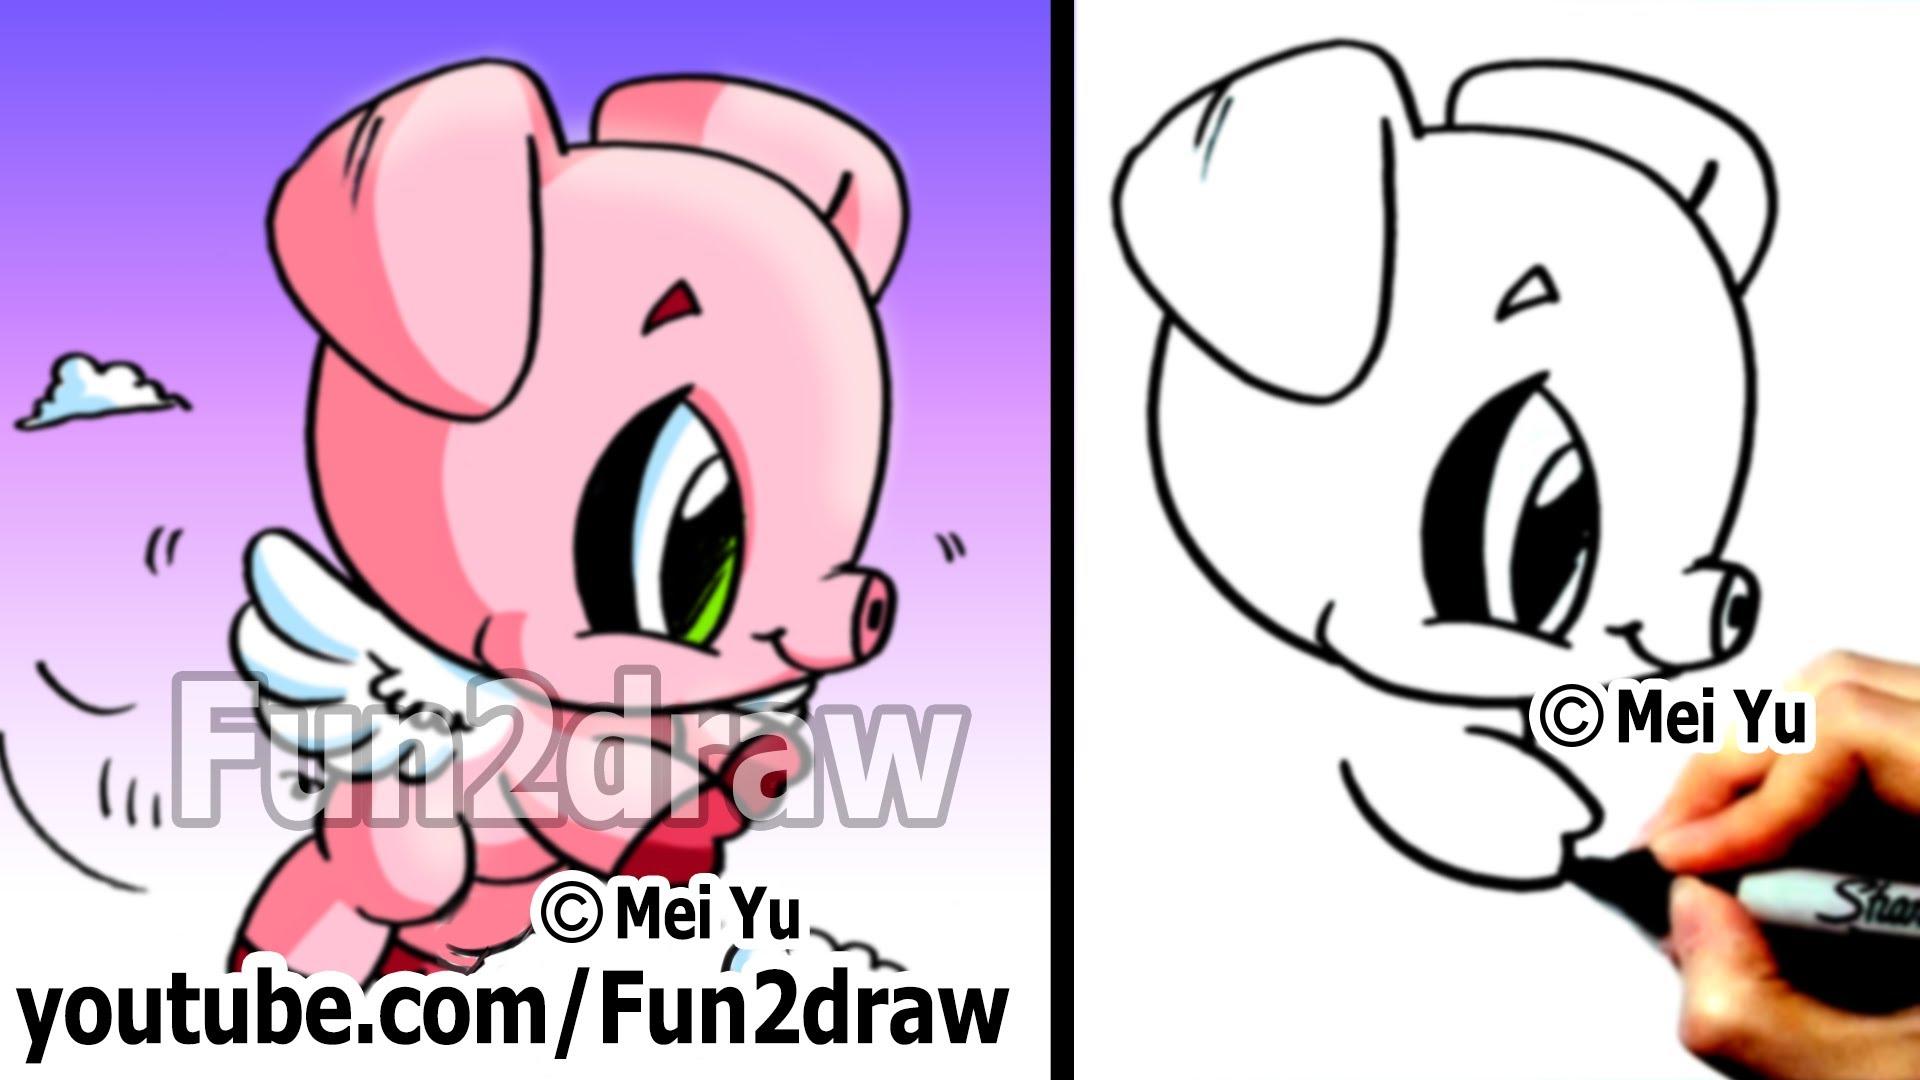 Drawn pug fun2draw At pace & own Fun2draw